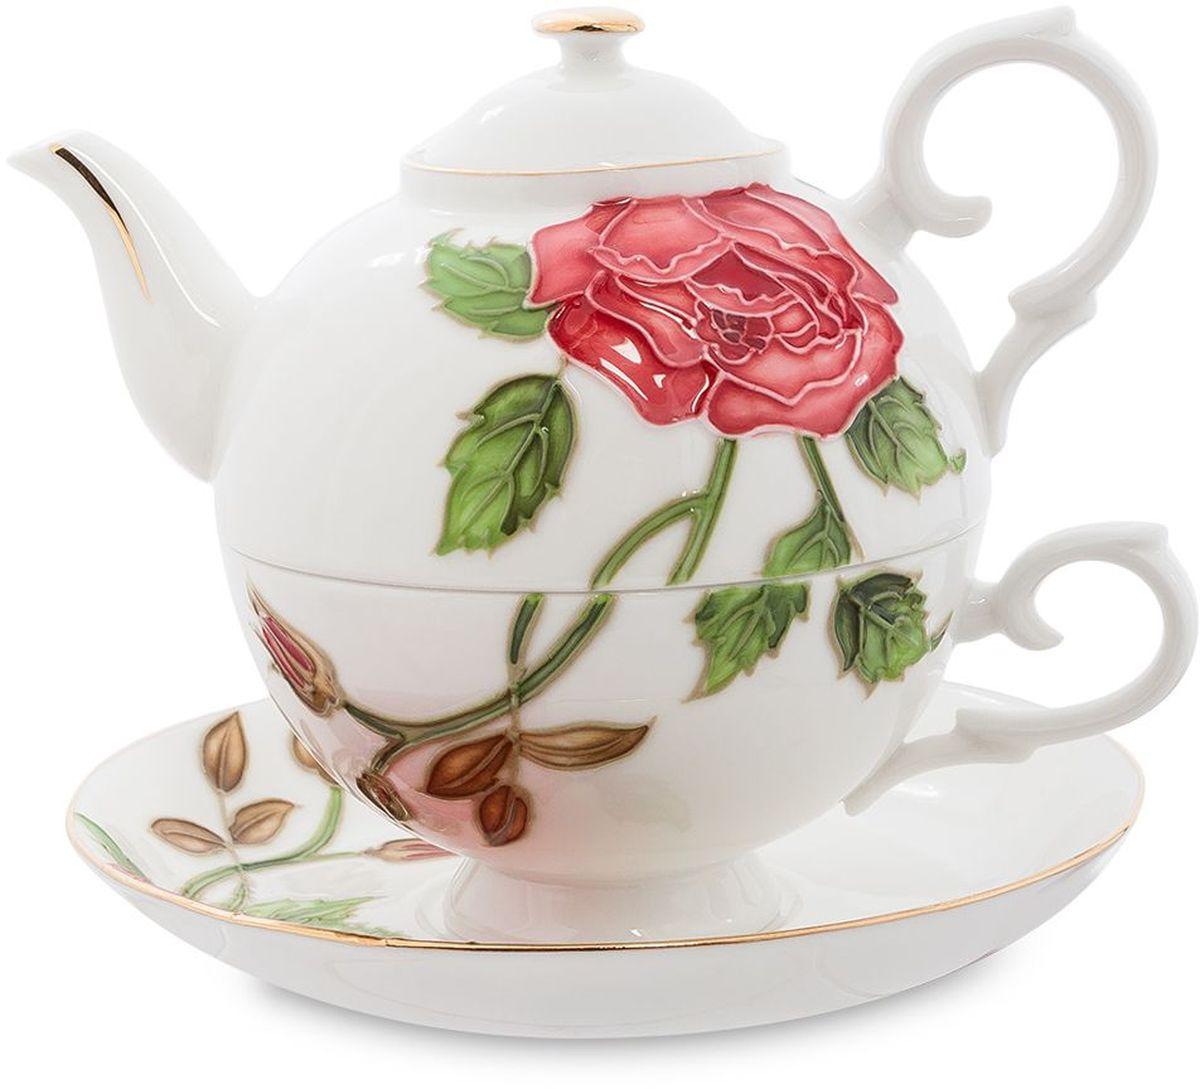 Набор чайный Pavone Золотая Роза, 3 предмета. 451587VT-1520(SR)Объем чайника: 400 млОбъем чаши: 250 млДиаметр блюдца: 15 см